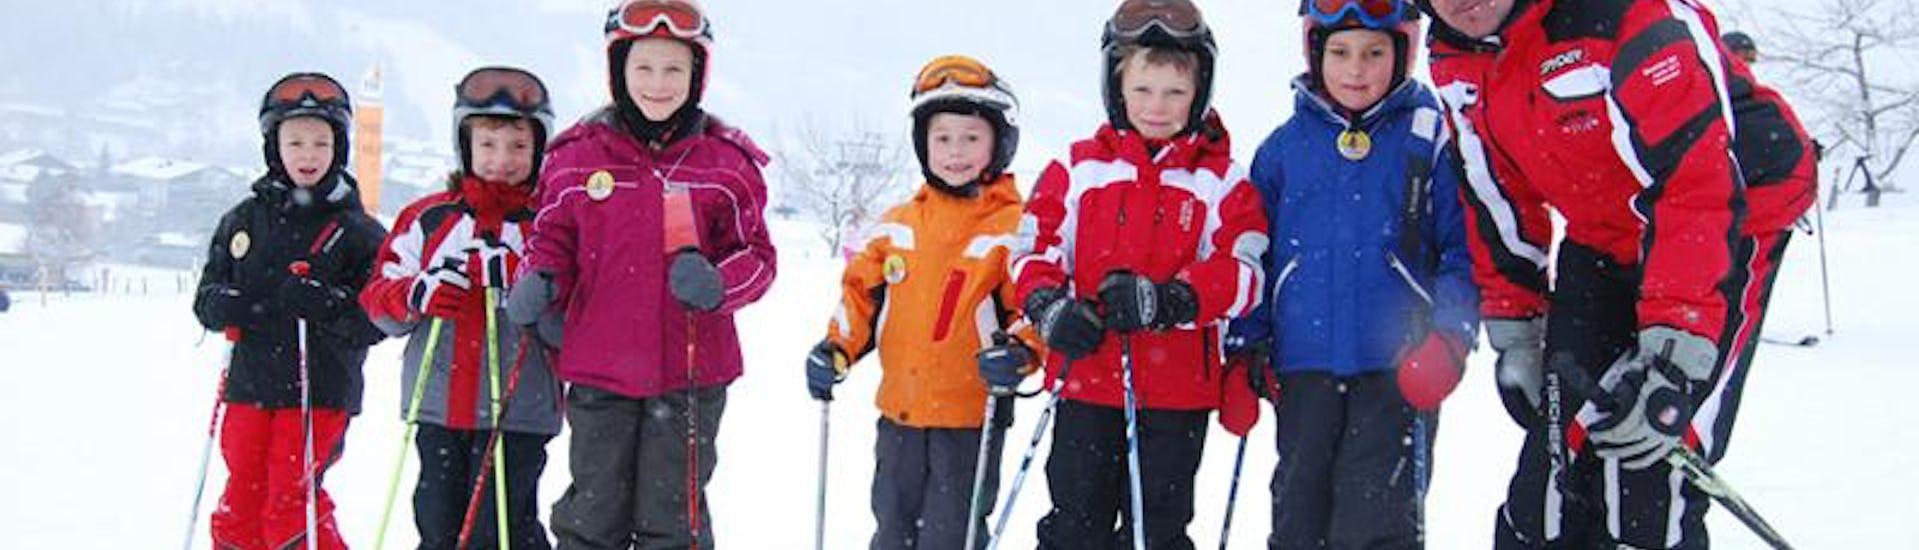 Kinder posieren für das Foto im Skikurs für Kinder (5-15 Jahre) - Anfänger